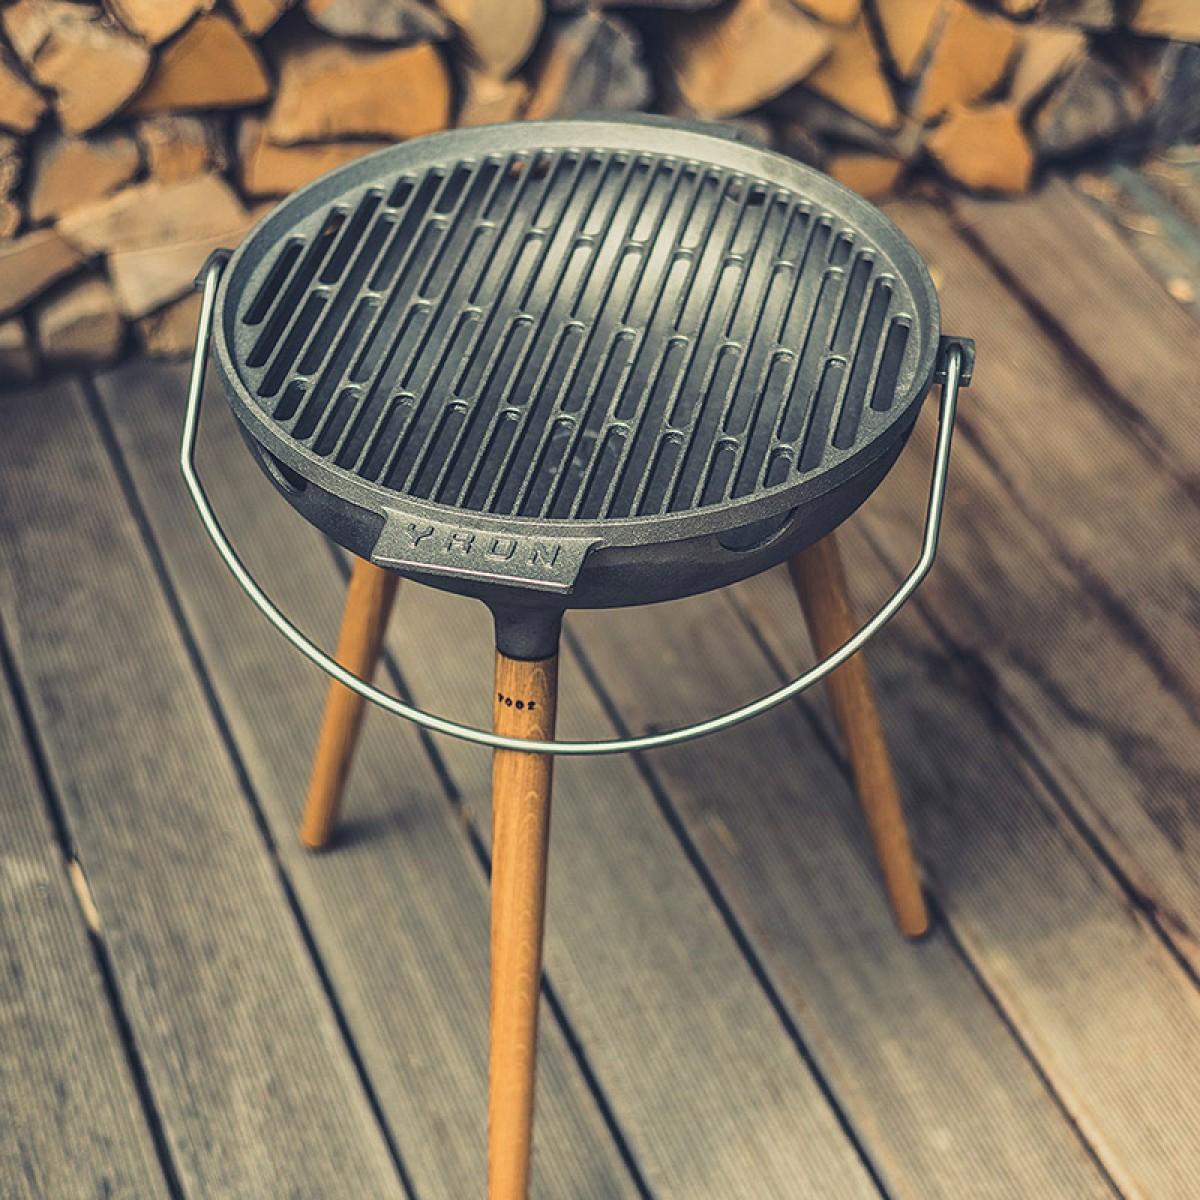 yron gussgrill der bbq grill f r deinen garten balkon oder deine terrasse auch als. Black Bedroom Furniture Sets. Home Design Ideas